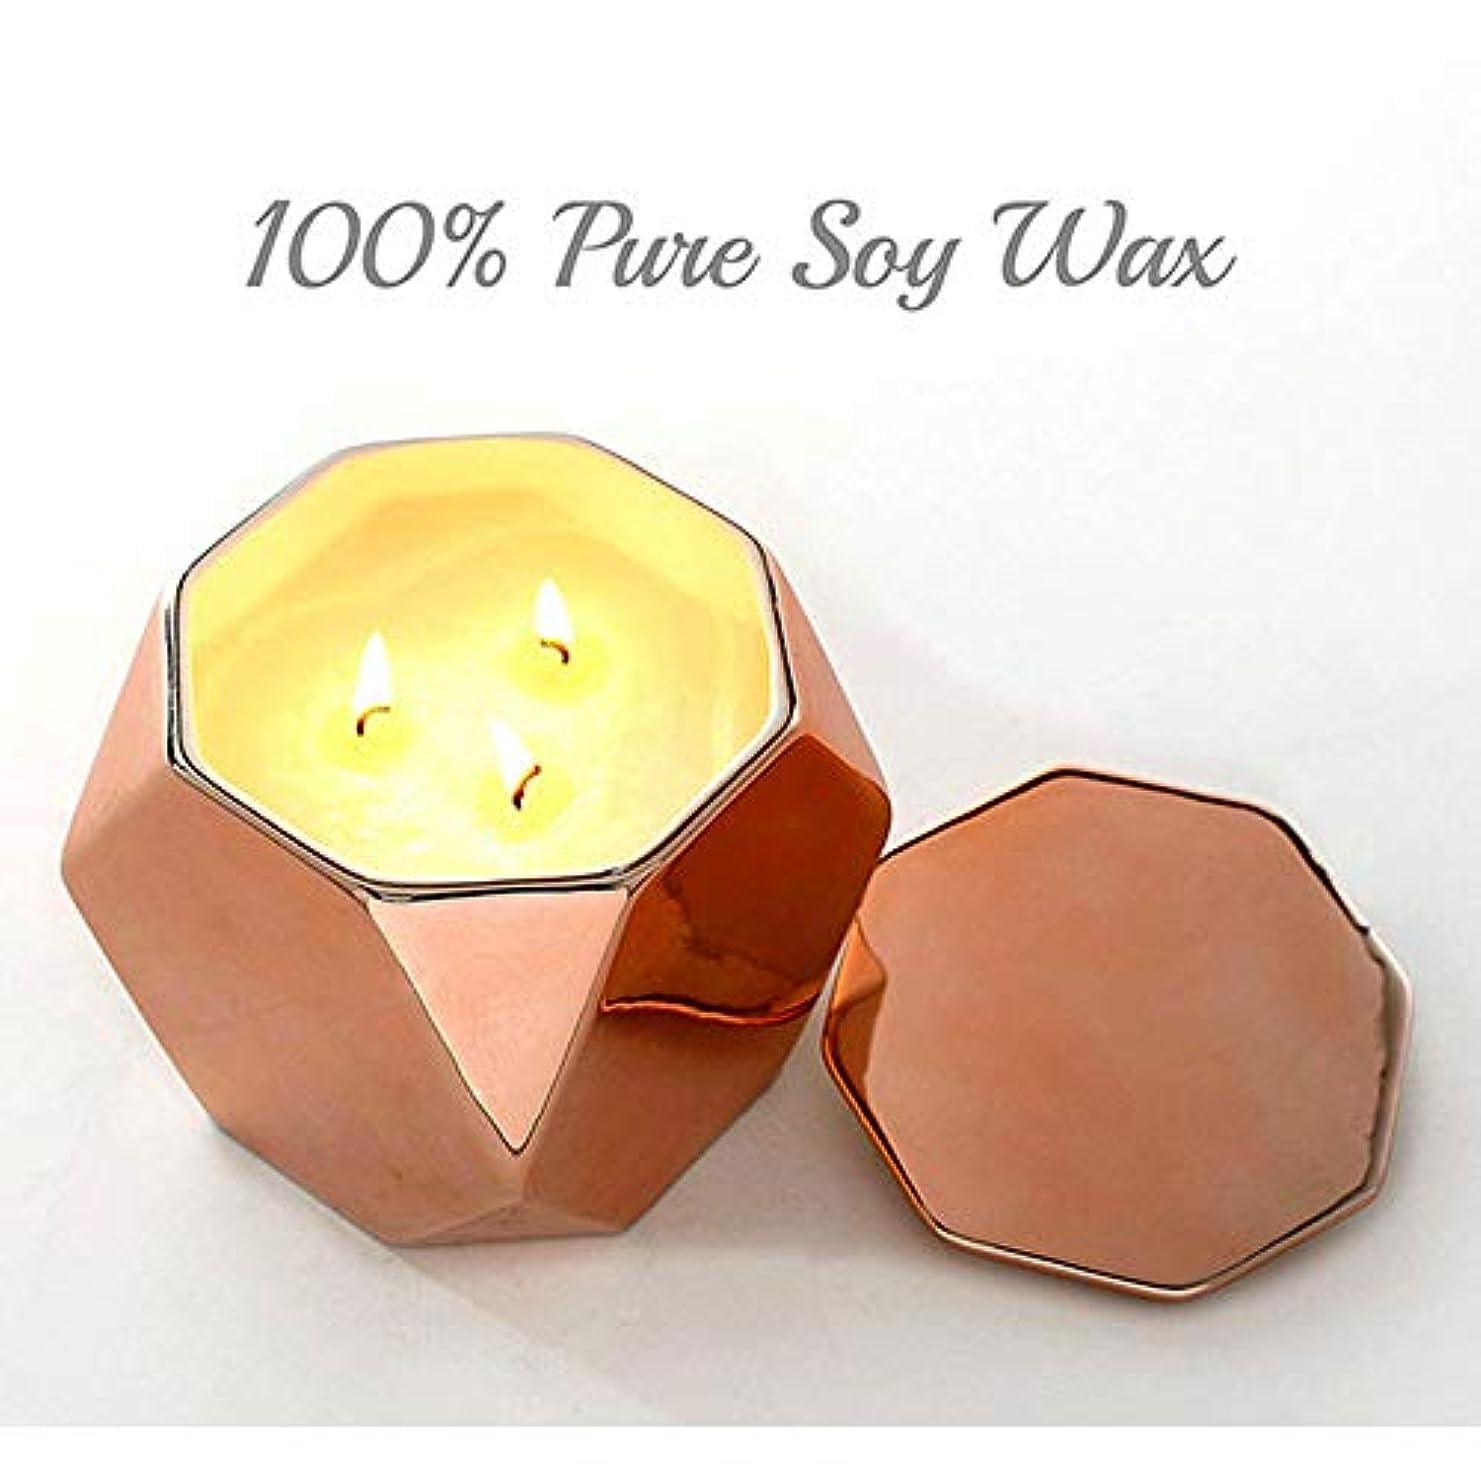 石化するニコチン踏み台27Oz特大の缶3つの中心の香料入りの蝋燭の環境に優しい植物の精油の大豆のワックスの無煙蝋燭(5箱)